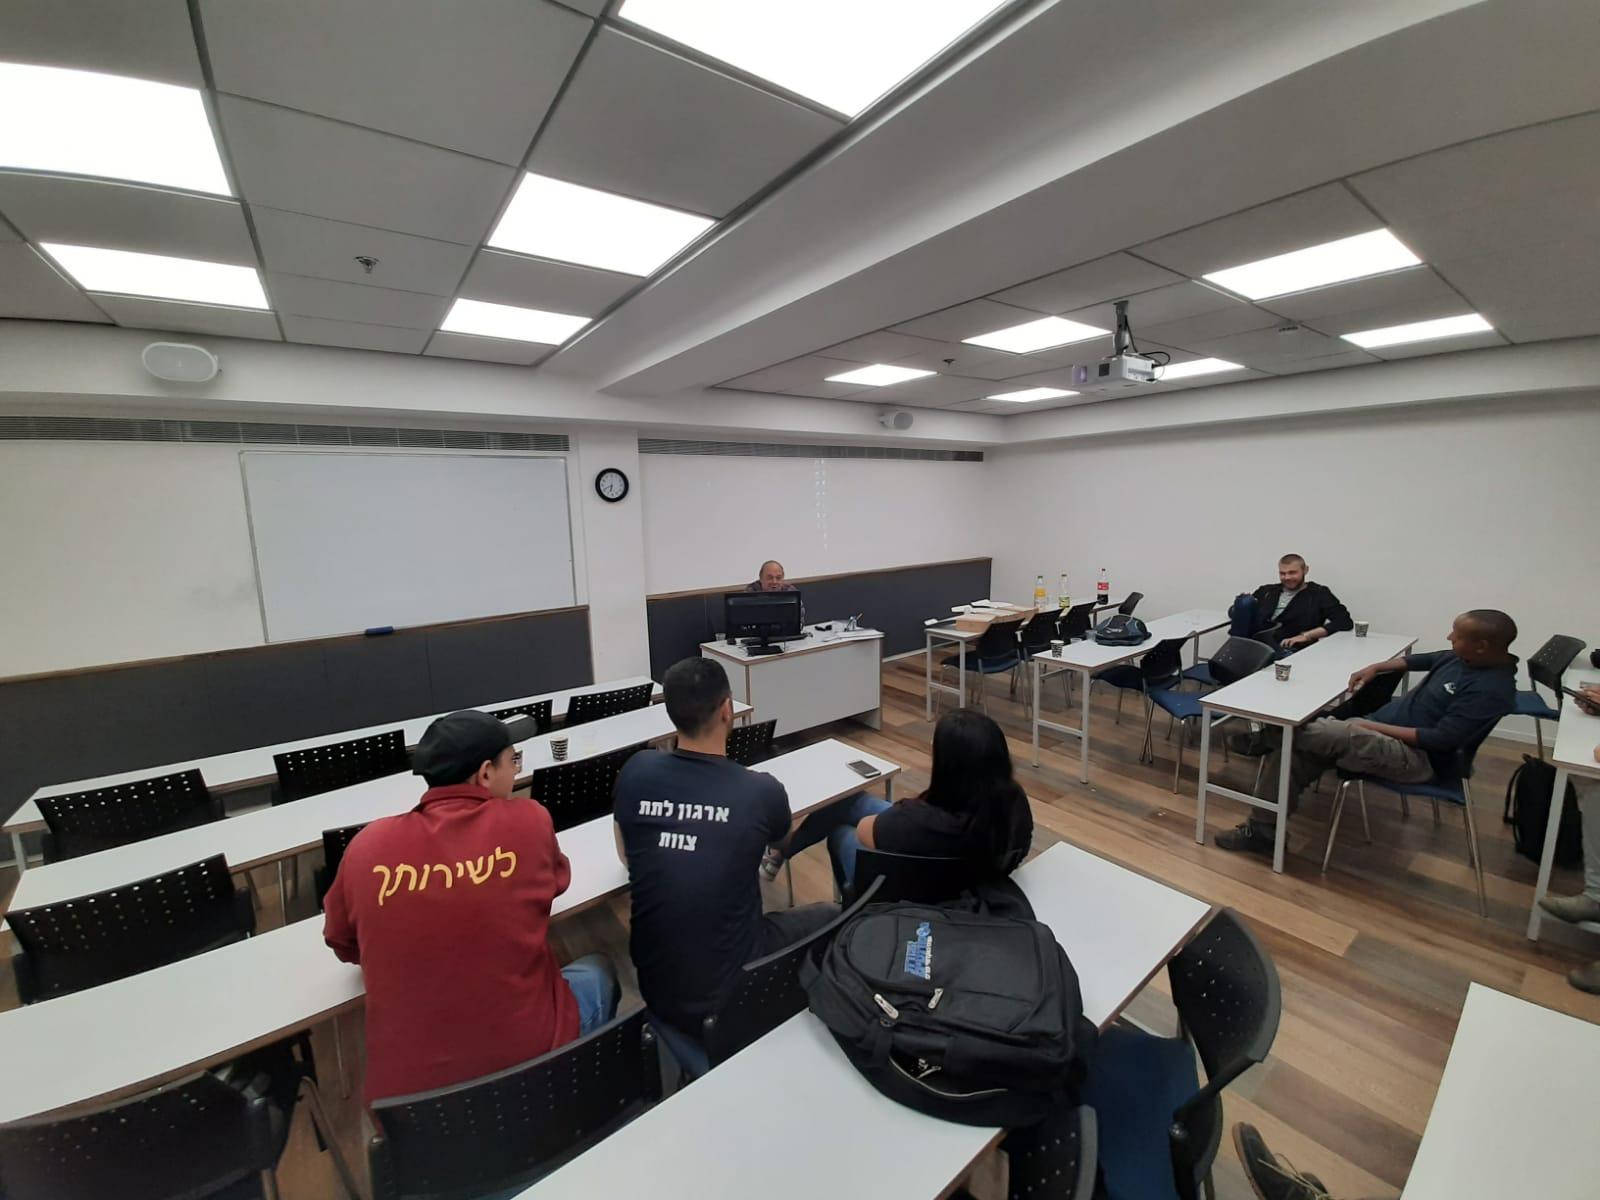 גלרייה - סיום קורס ניהול לוגיסטיקה ומחסן ממוחשב בכיר מחזור 39, 33 מתוך 38